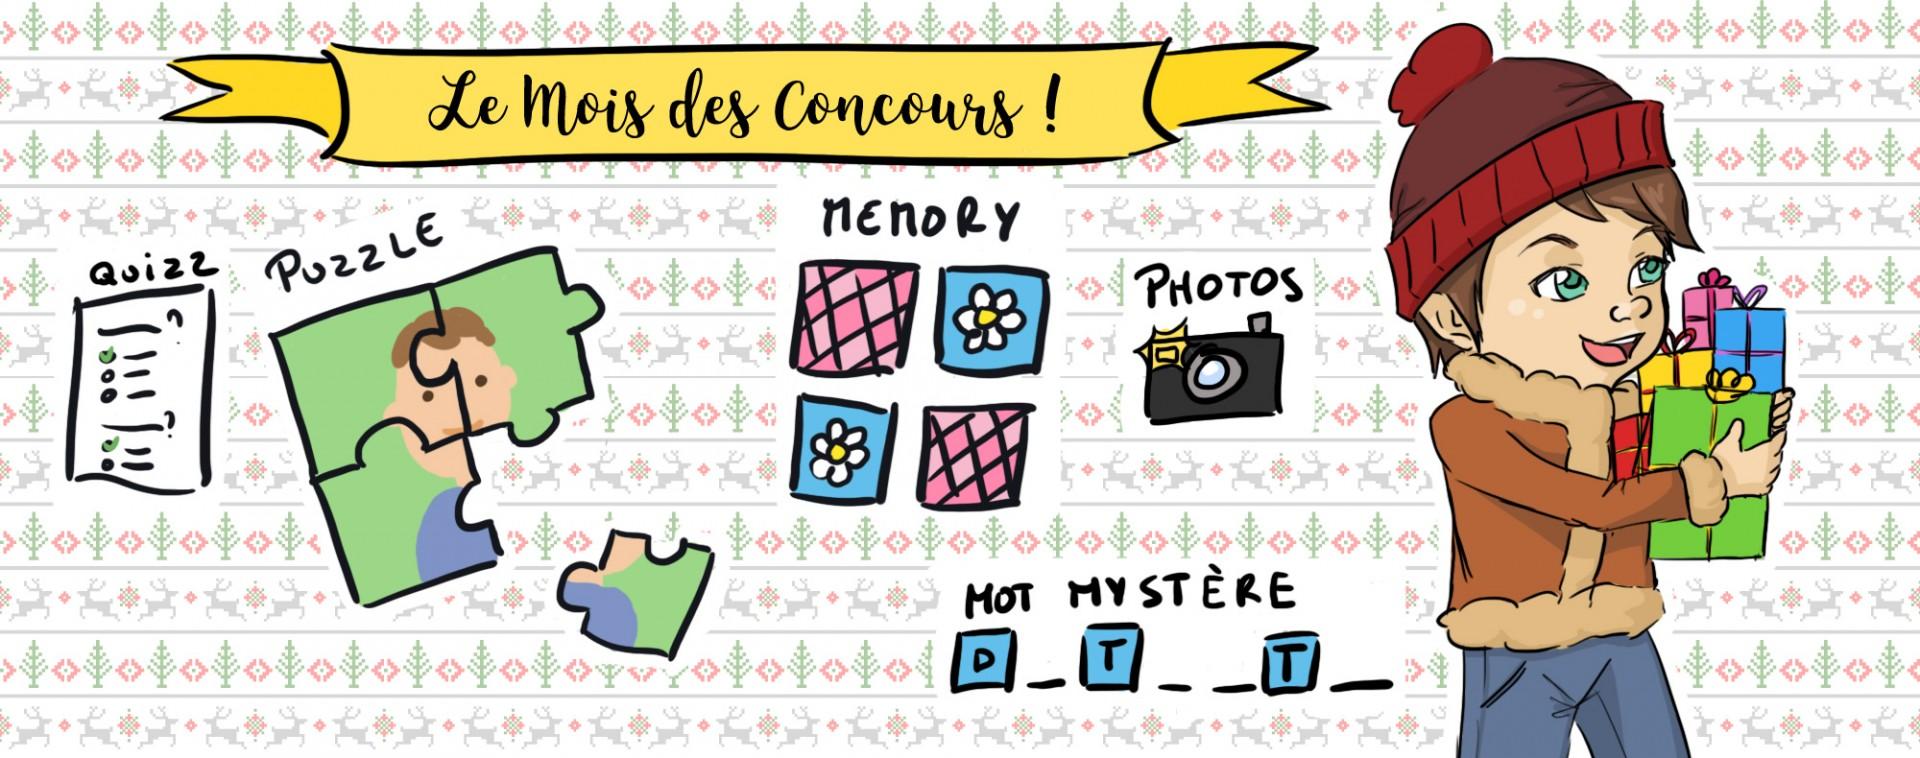 Le mois des concours en province de Liège | © FTPL-Saniya Moustaquim